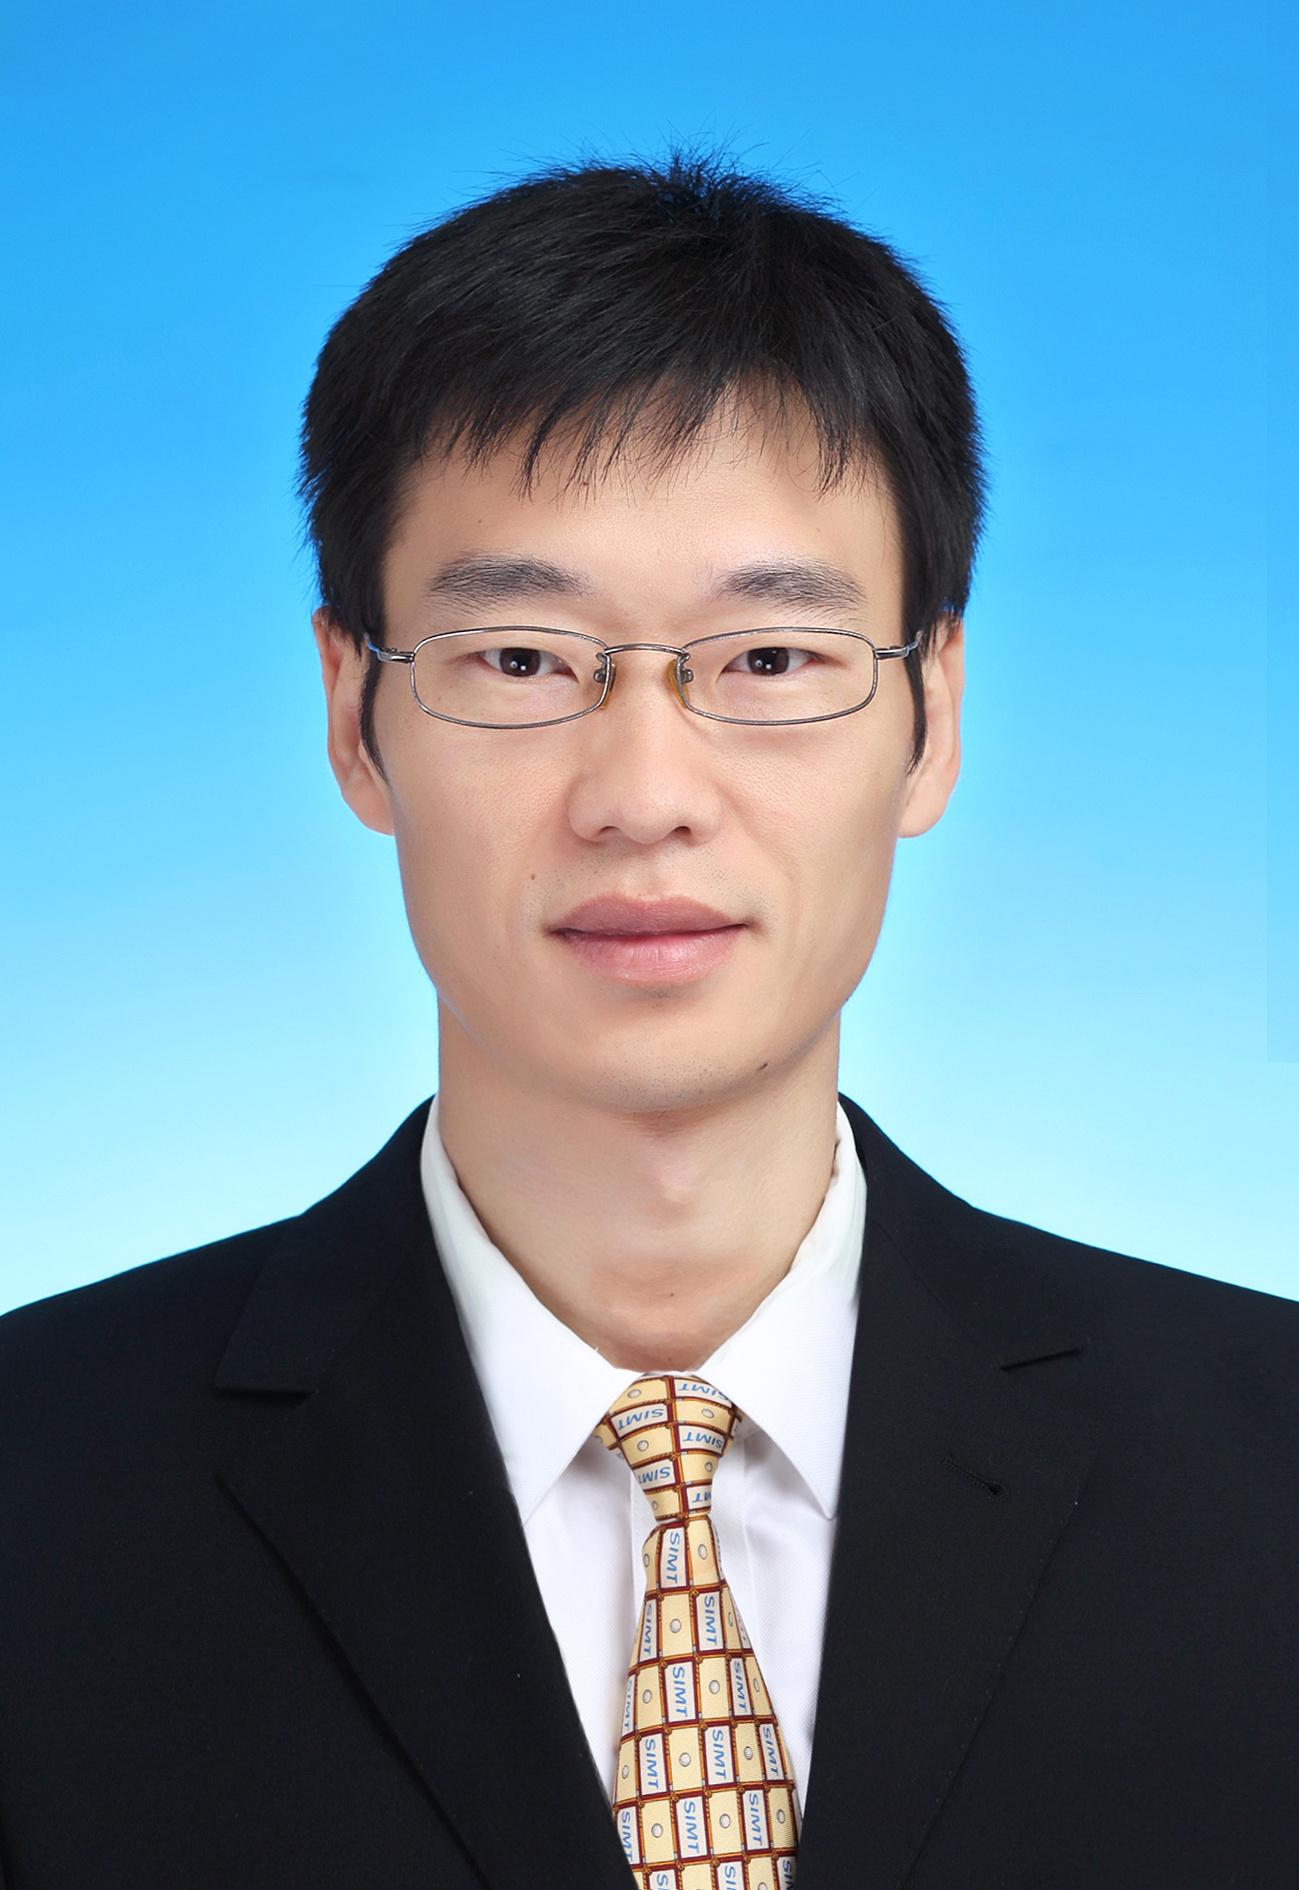 刘刚,男,1982年,博士,教授级高工,上海市计量测试技术研究院,研究方向生物标准物质、电化学生物传感。美国国家标准化技术研究院(NIST)访问学者。先后主持及参与科技部、国家自然科学基金、国家质检总局和上海市科委20多项科研课题的研究。获得:上海市科技进步奖二等奖,中国分析测试协会科学技术奖二等奖。获上海市青年科技启明星资助,上海市人才发展资金资助,获评上海市青年拔尖人才,发表论文30余篇,获得授权专利10项,研发生物标准物质30项。